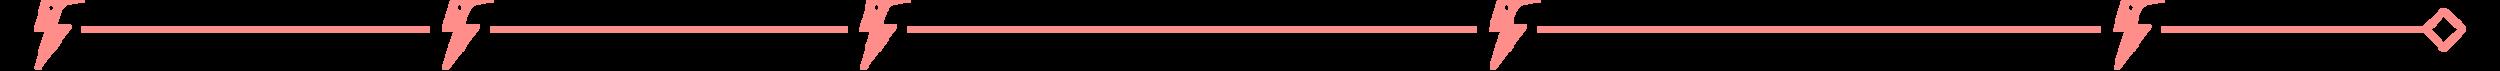 v4_pink-HSS-service-model.png